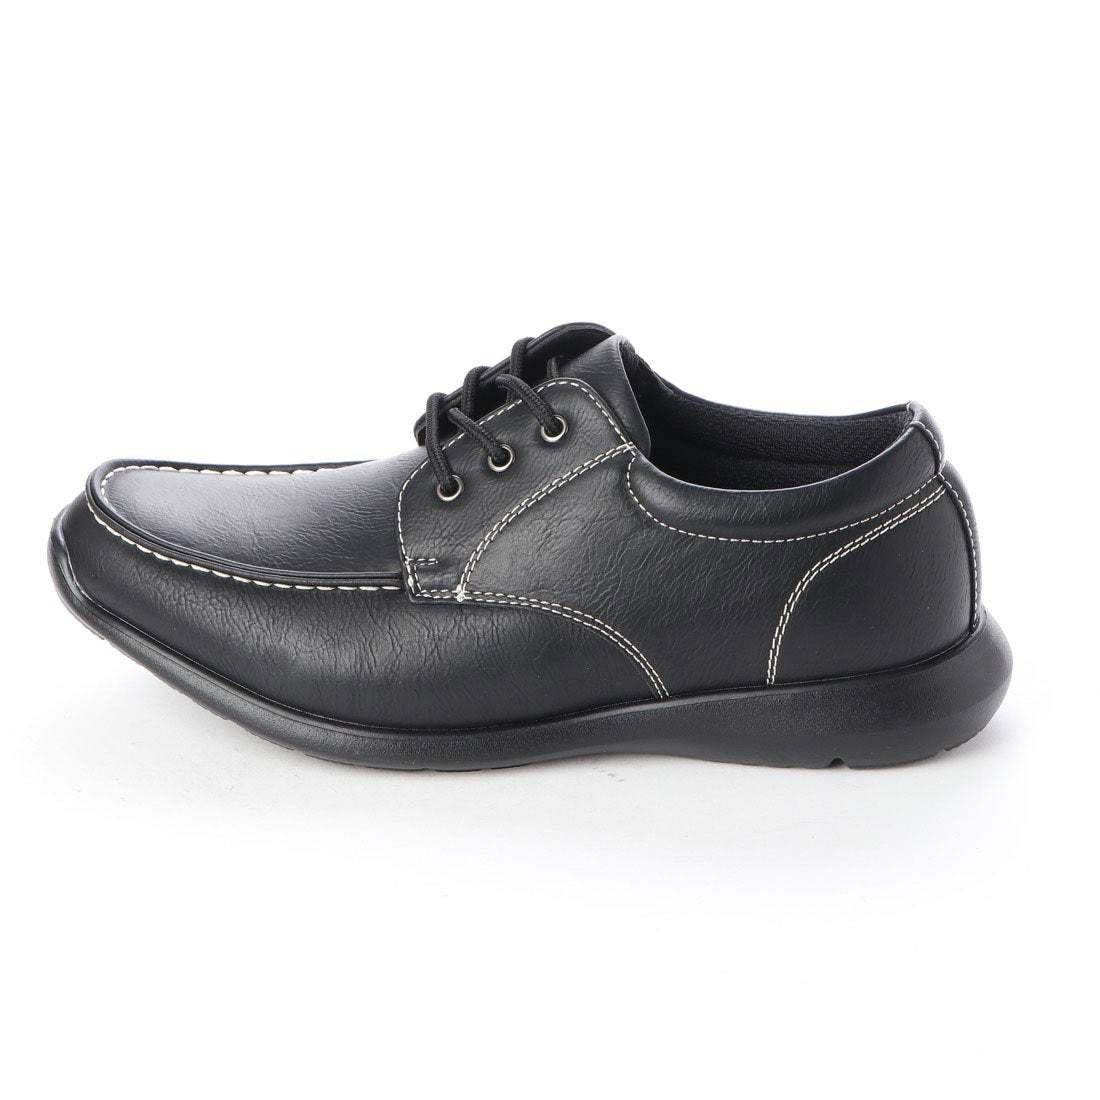 【安い】【超軽量】【防水】【幅広】GRAVITY FREE メンズ ウォーキング ビジネスシューズ 紳士靴 革靴 601 Uチップ ブラック 黒 24.5cm